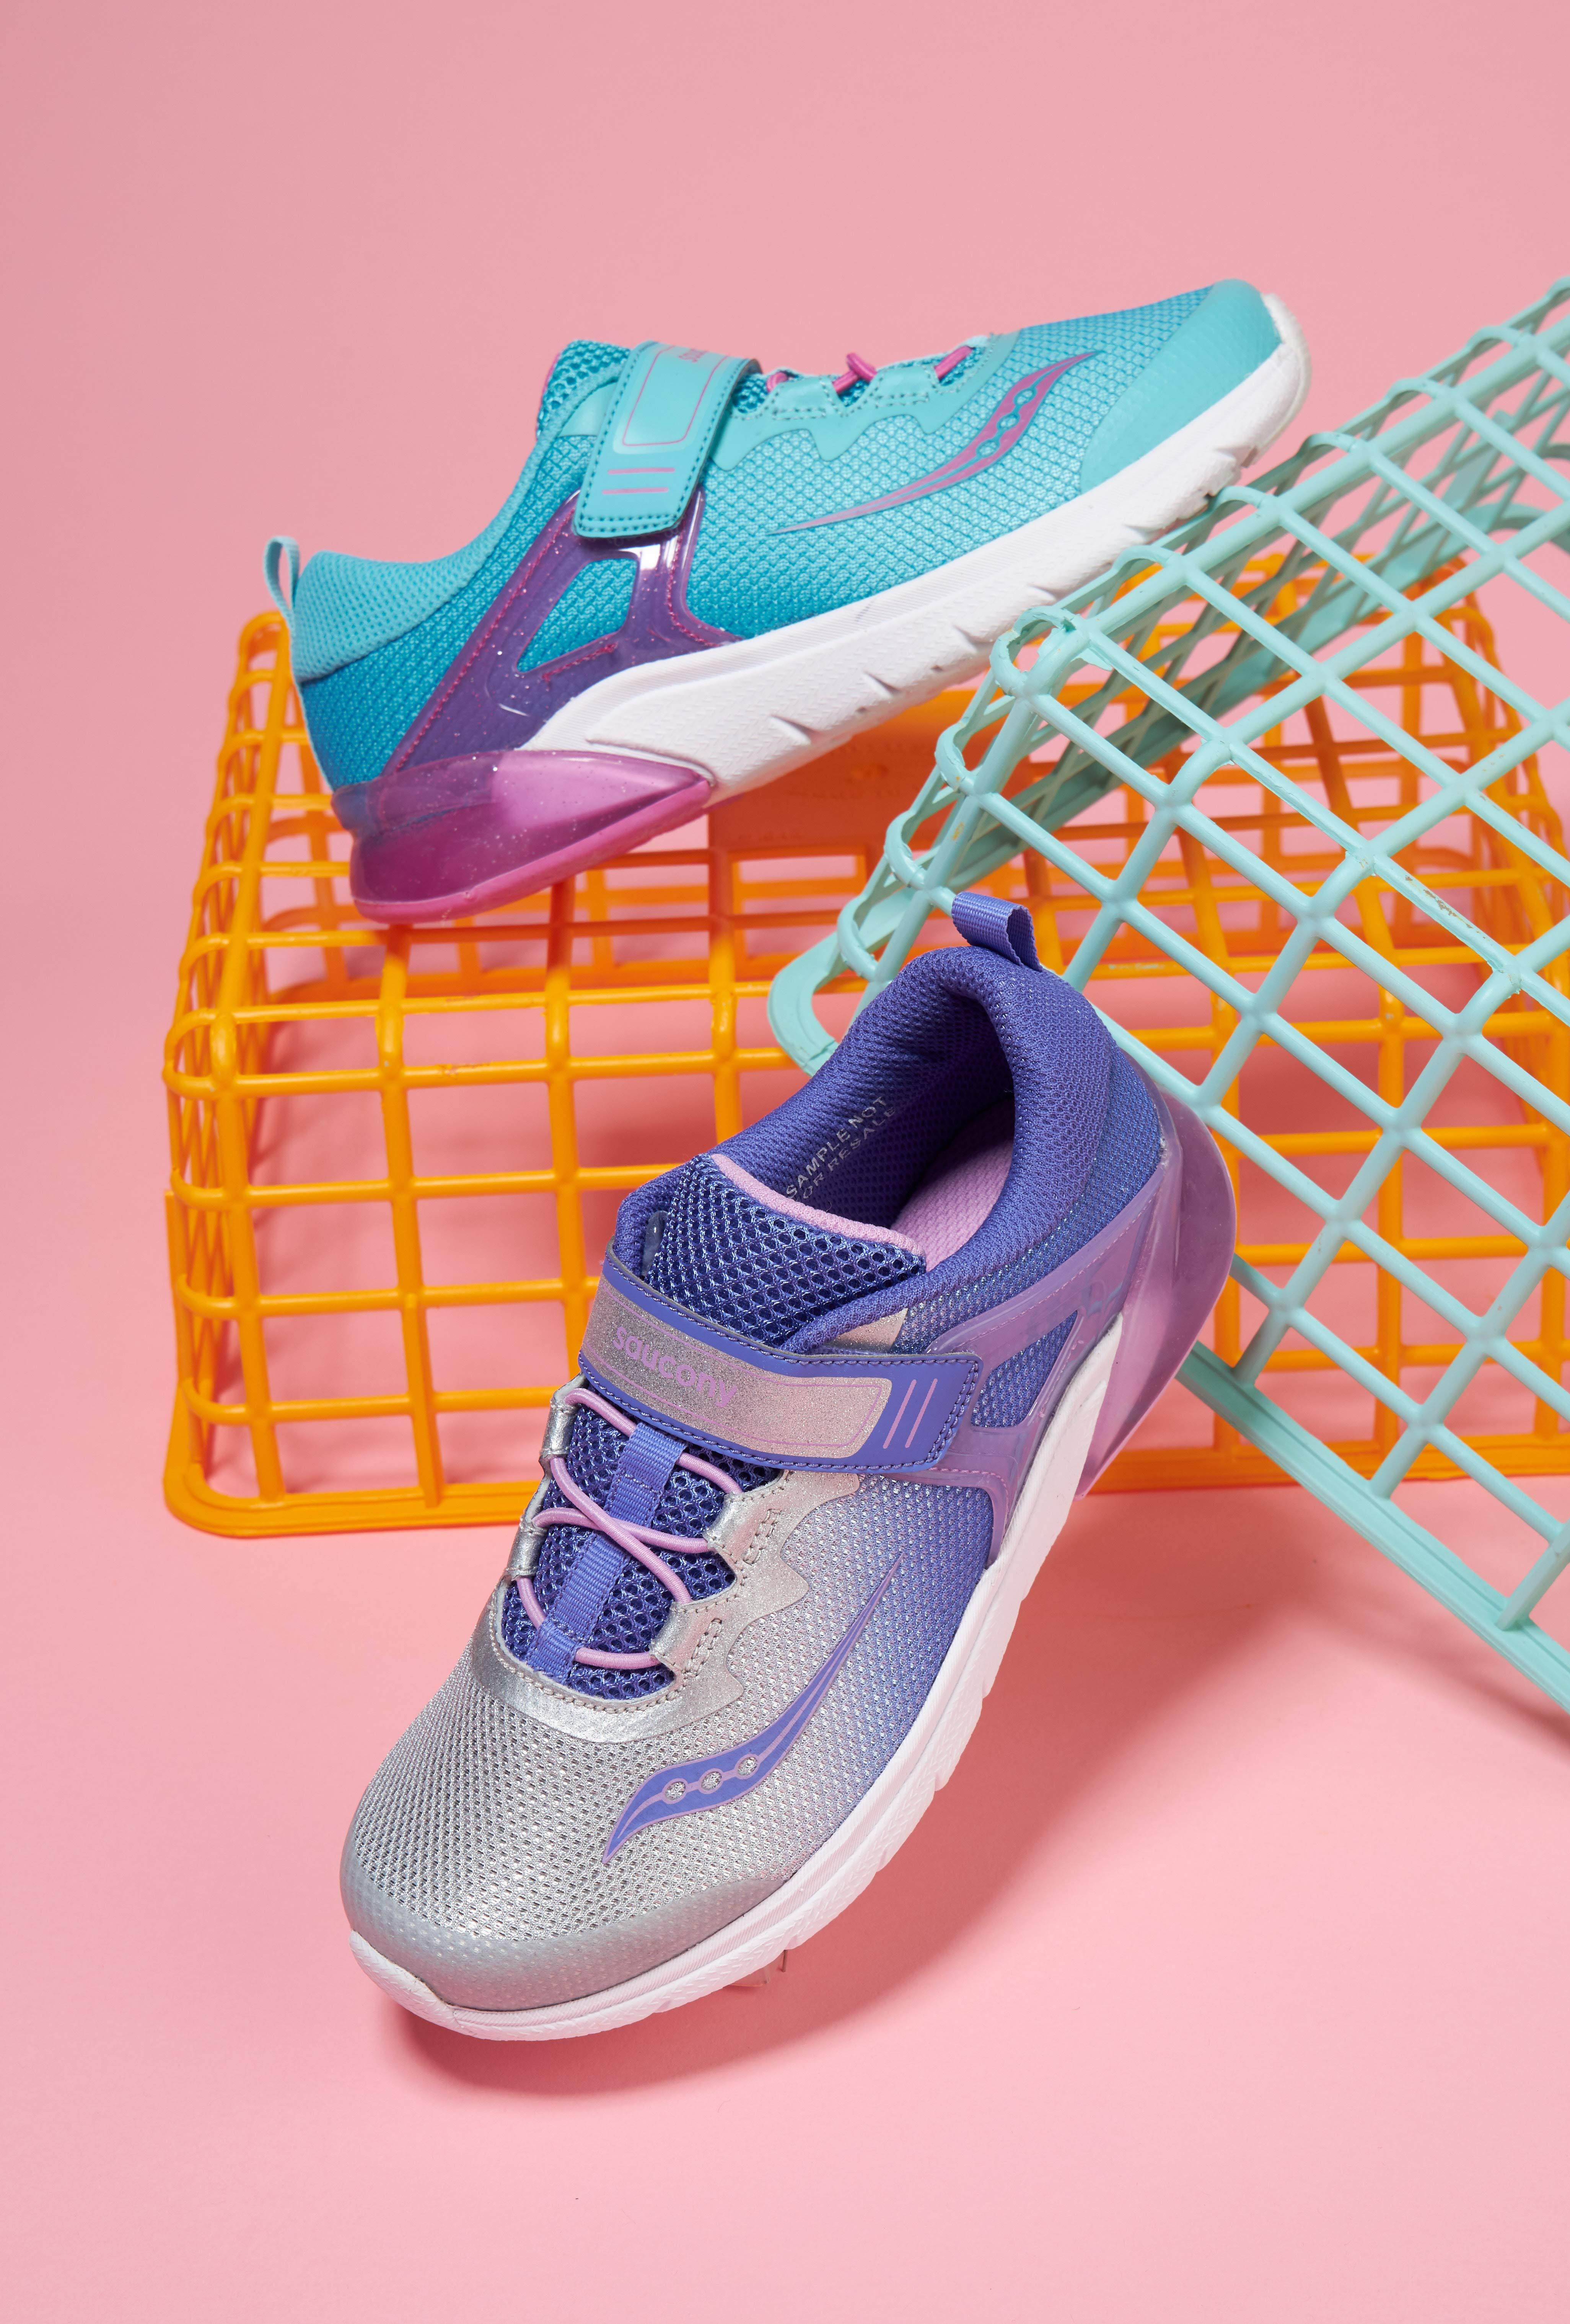 5d902d67c2 Girls' Shoes | Zappos.com